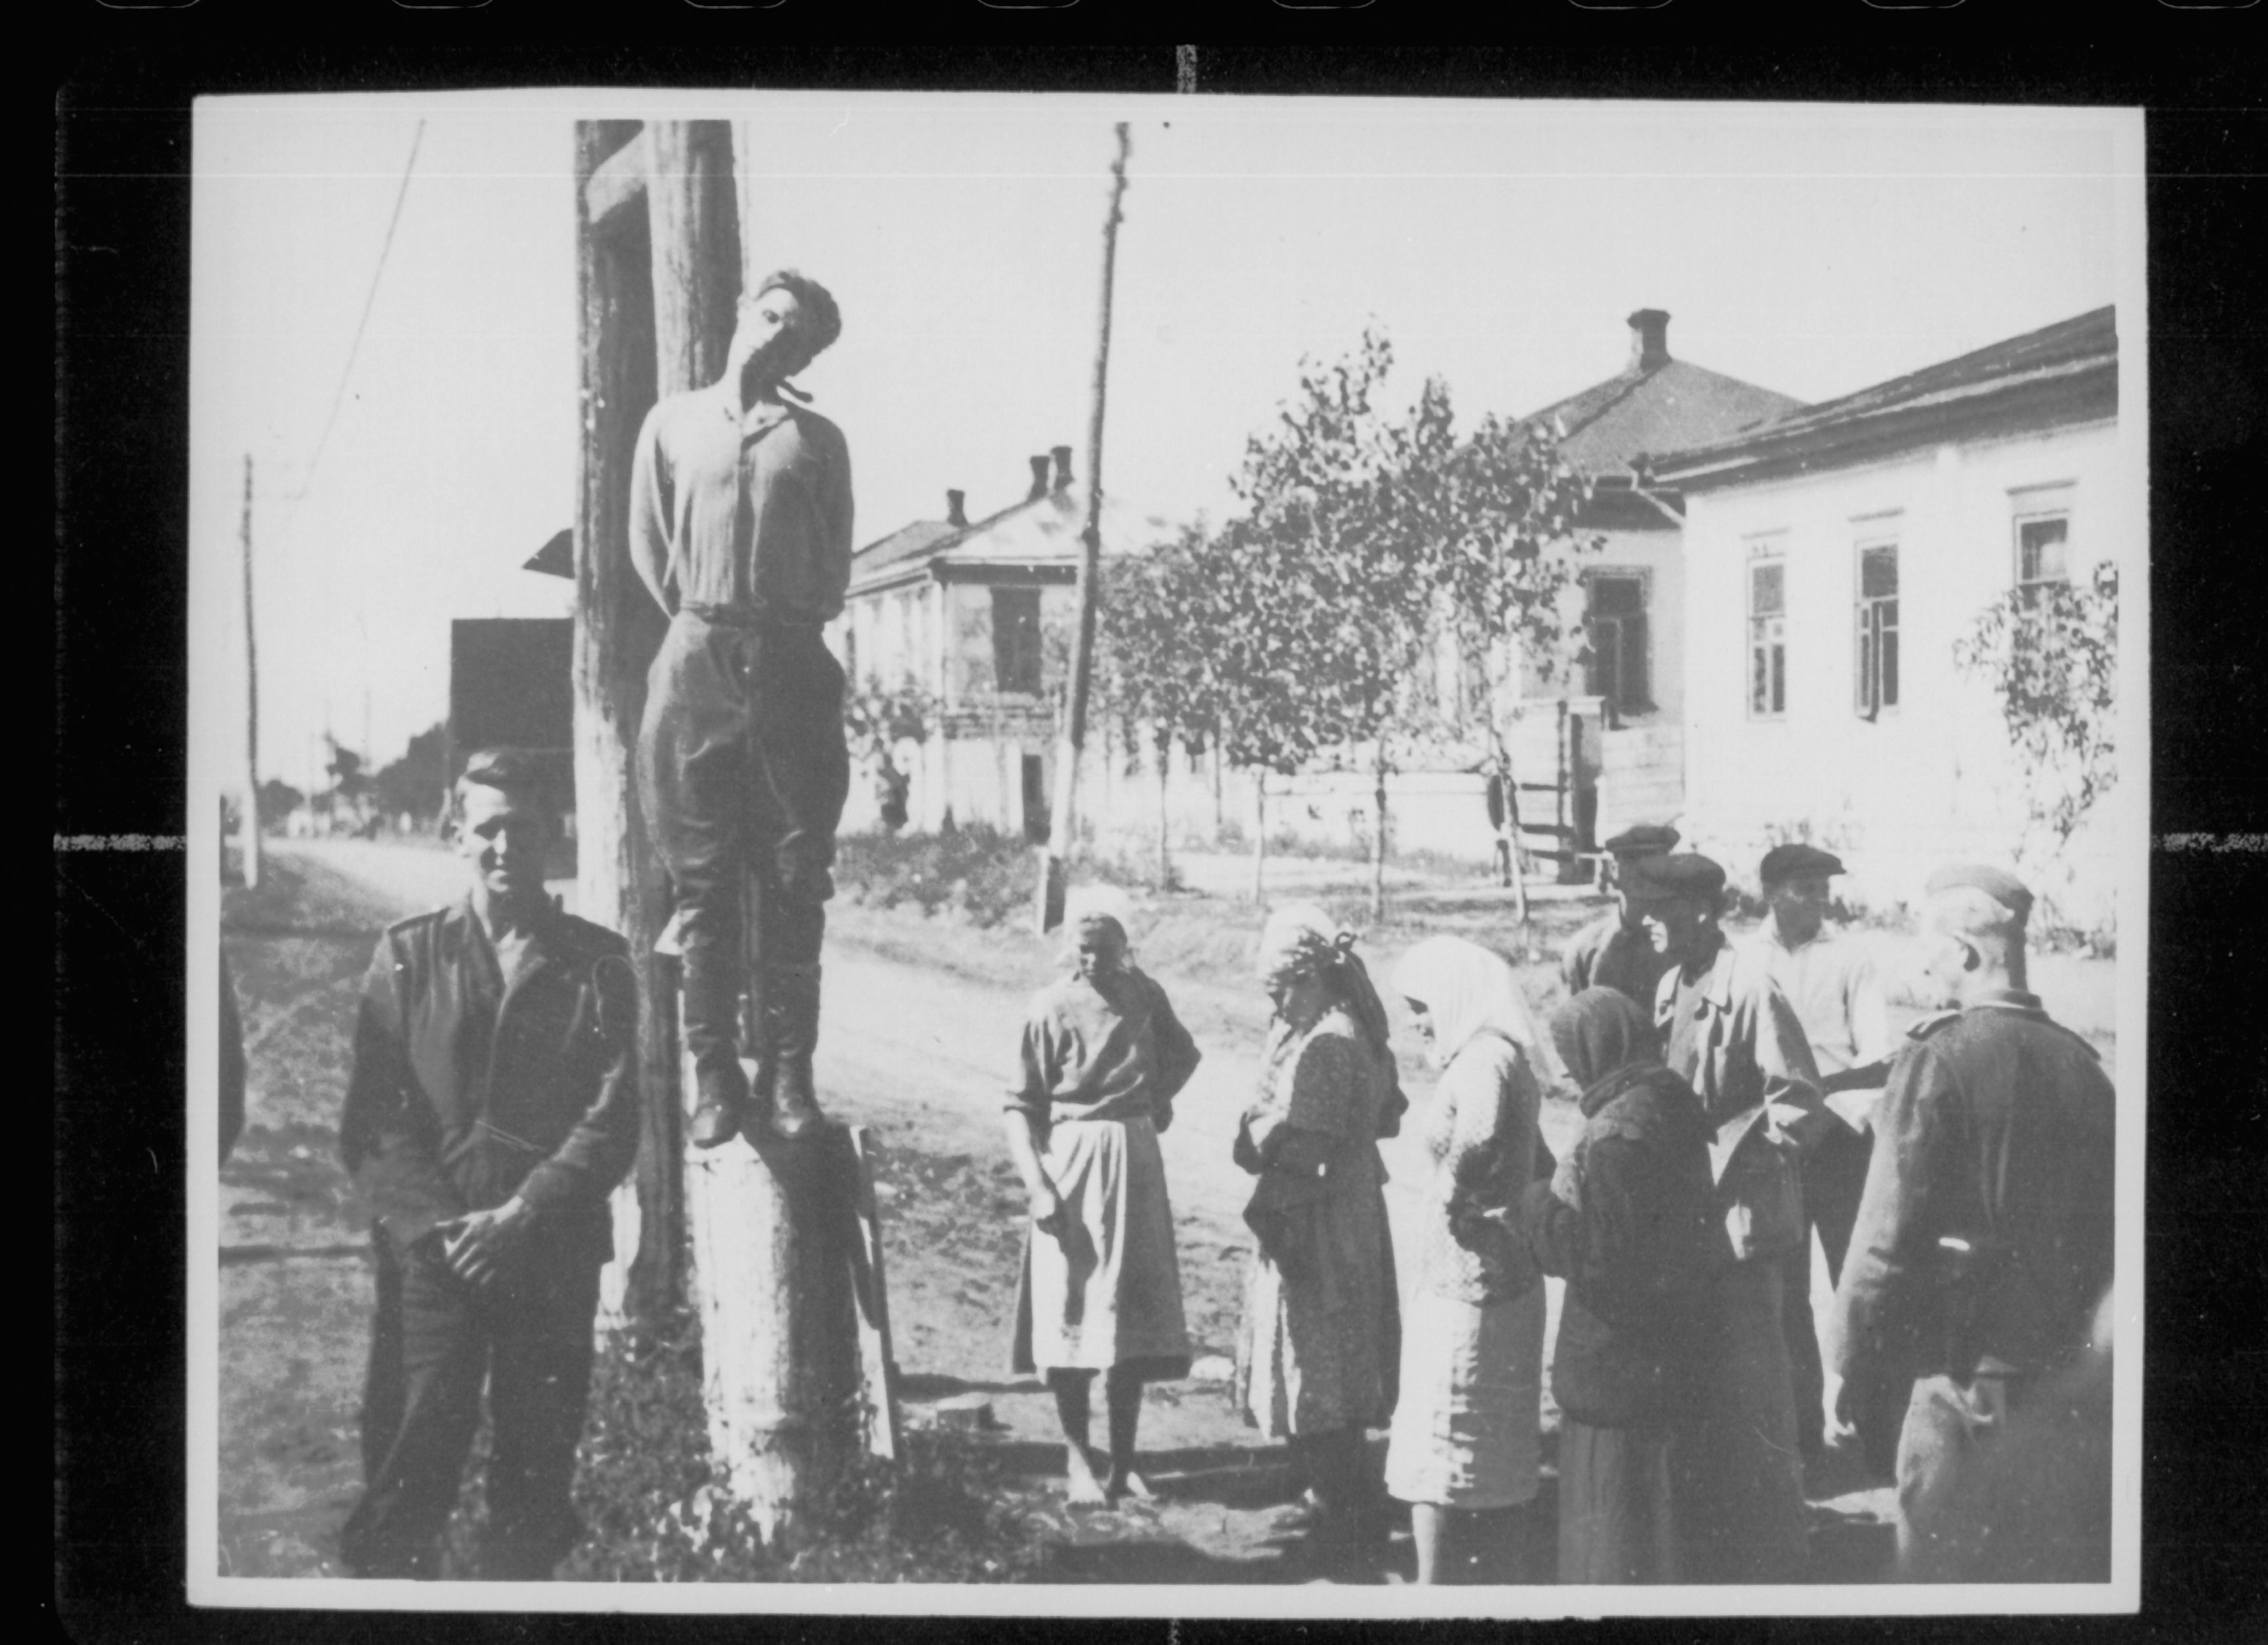 Nederlandse NSKK ers aan het Oostfront poseren voor een opgehangen partizaan